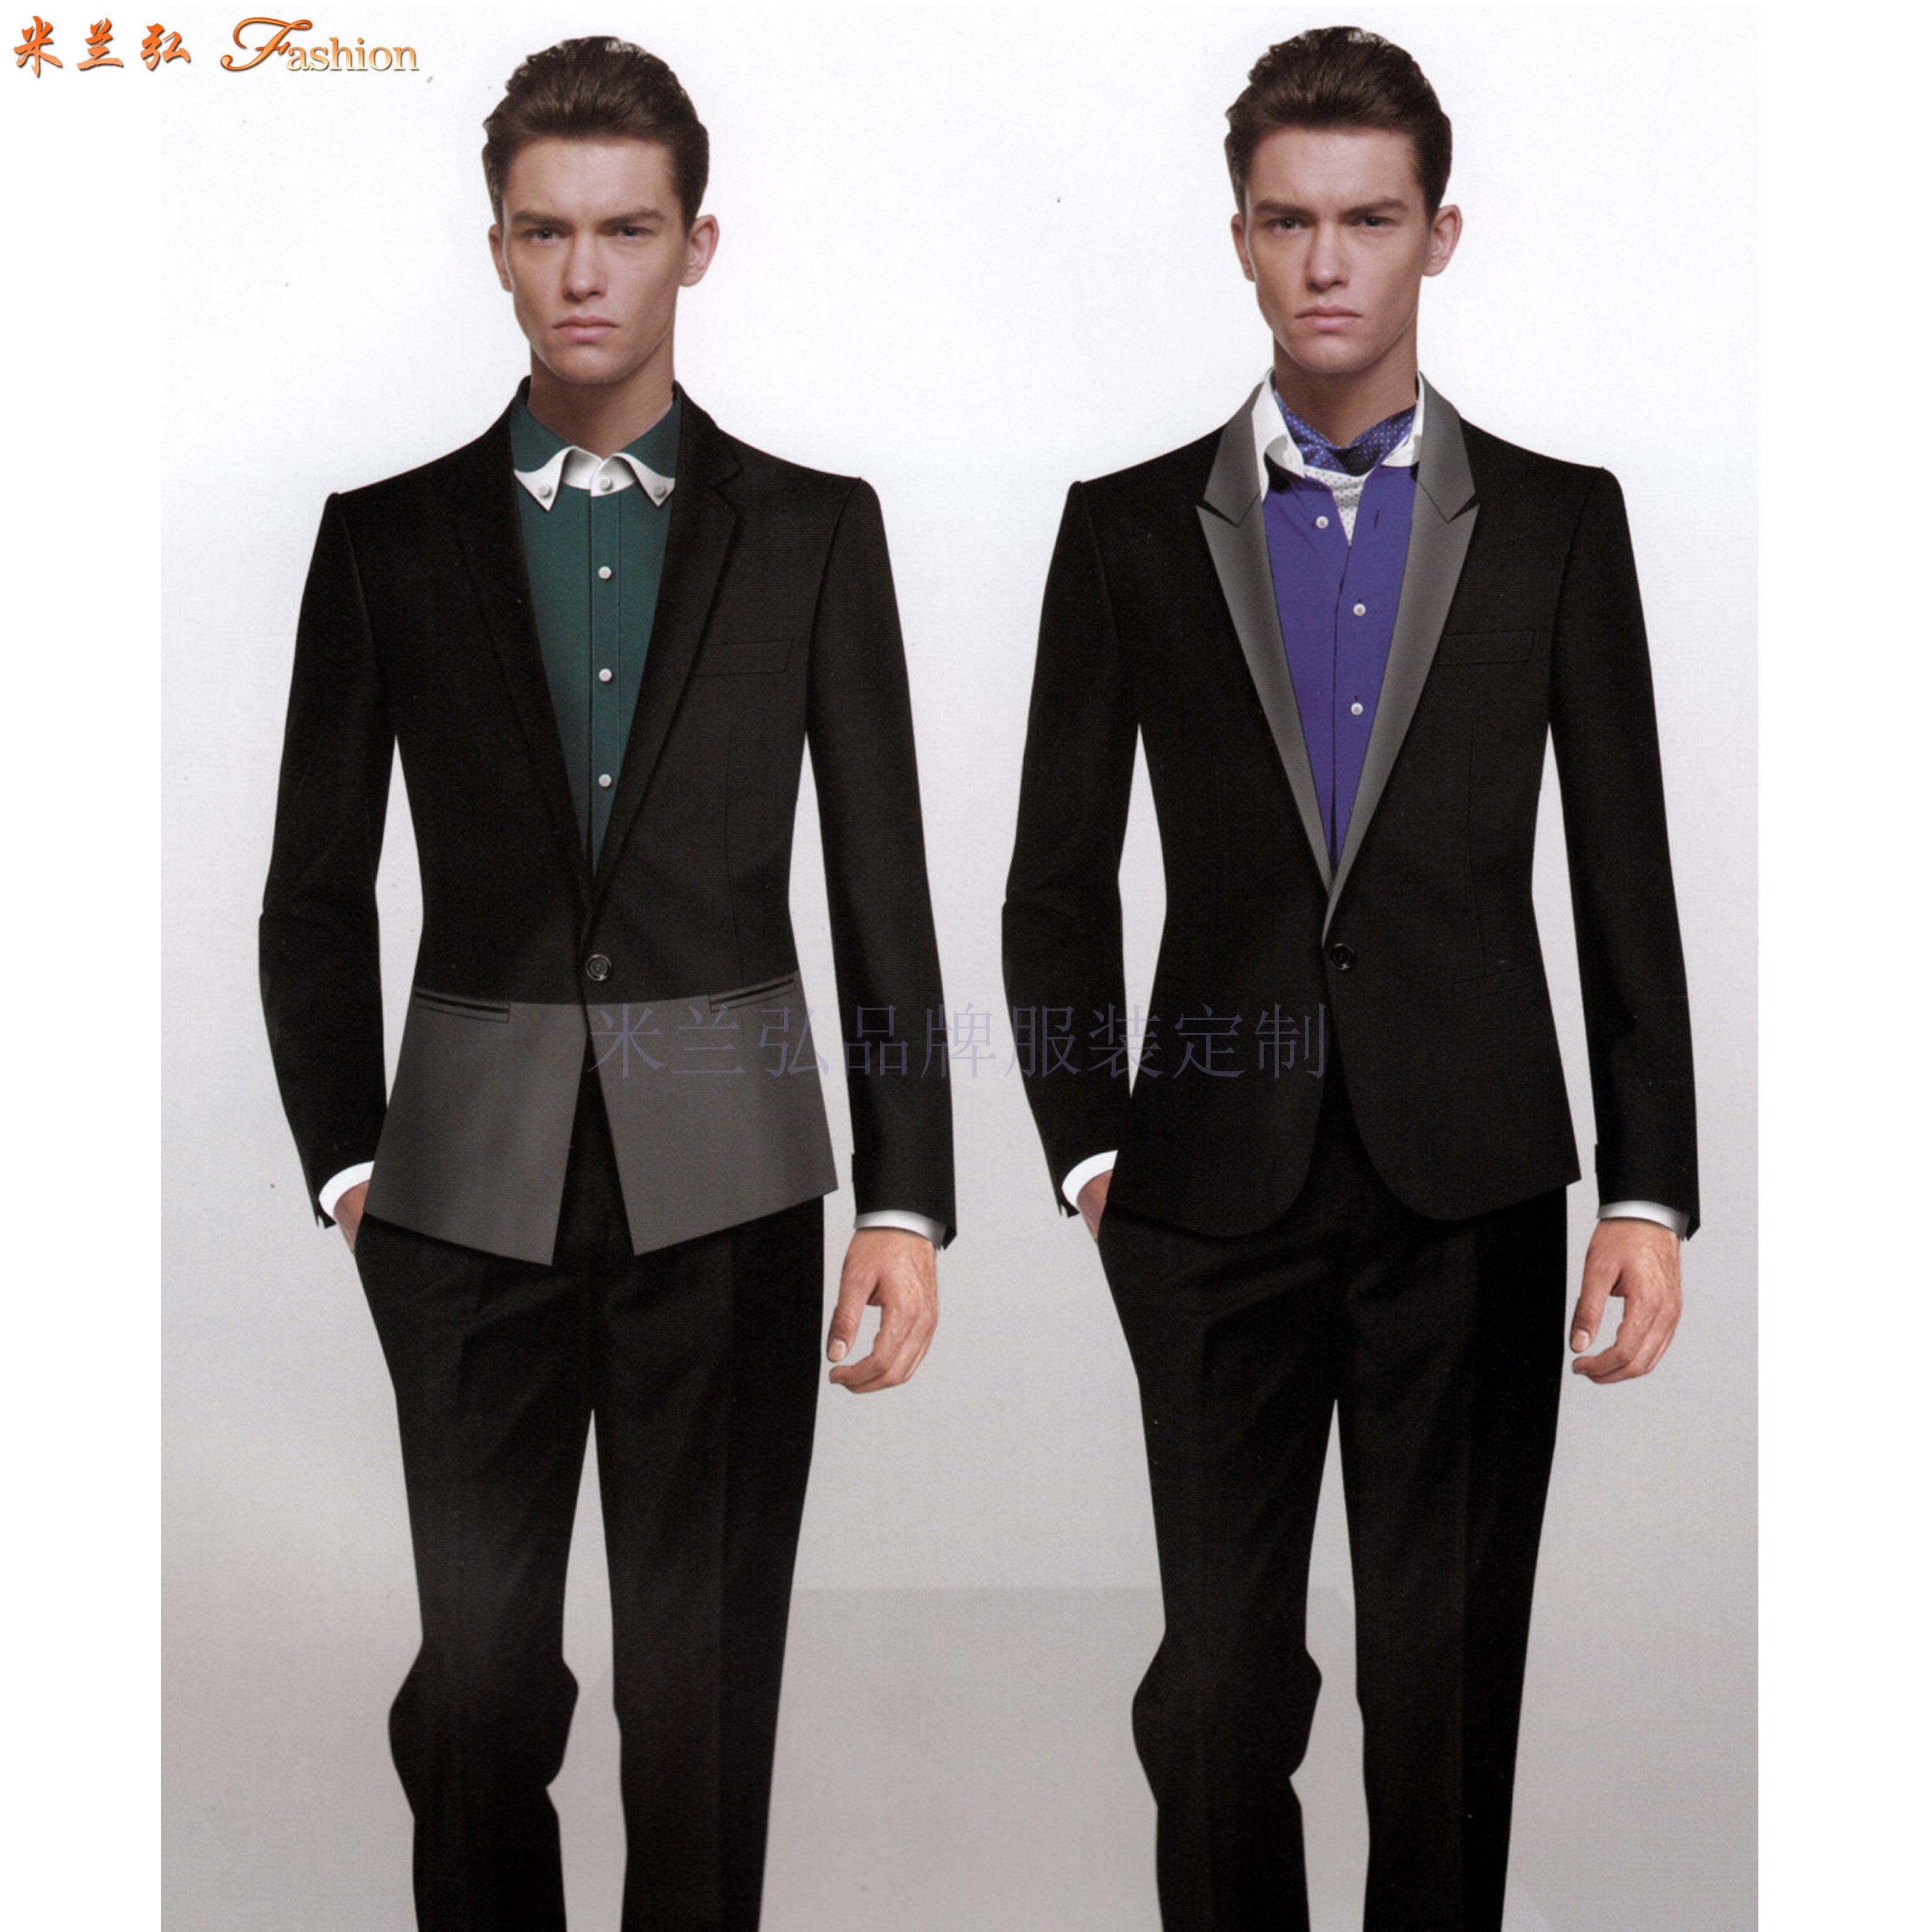 山西职业装厂家,山西时尚职业装定做厂家-3